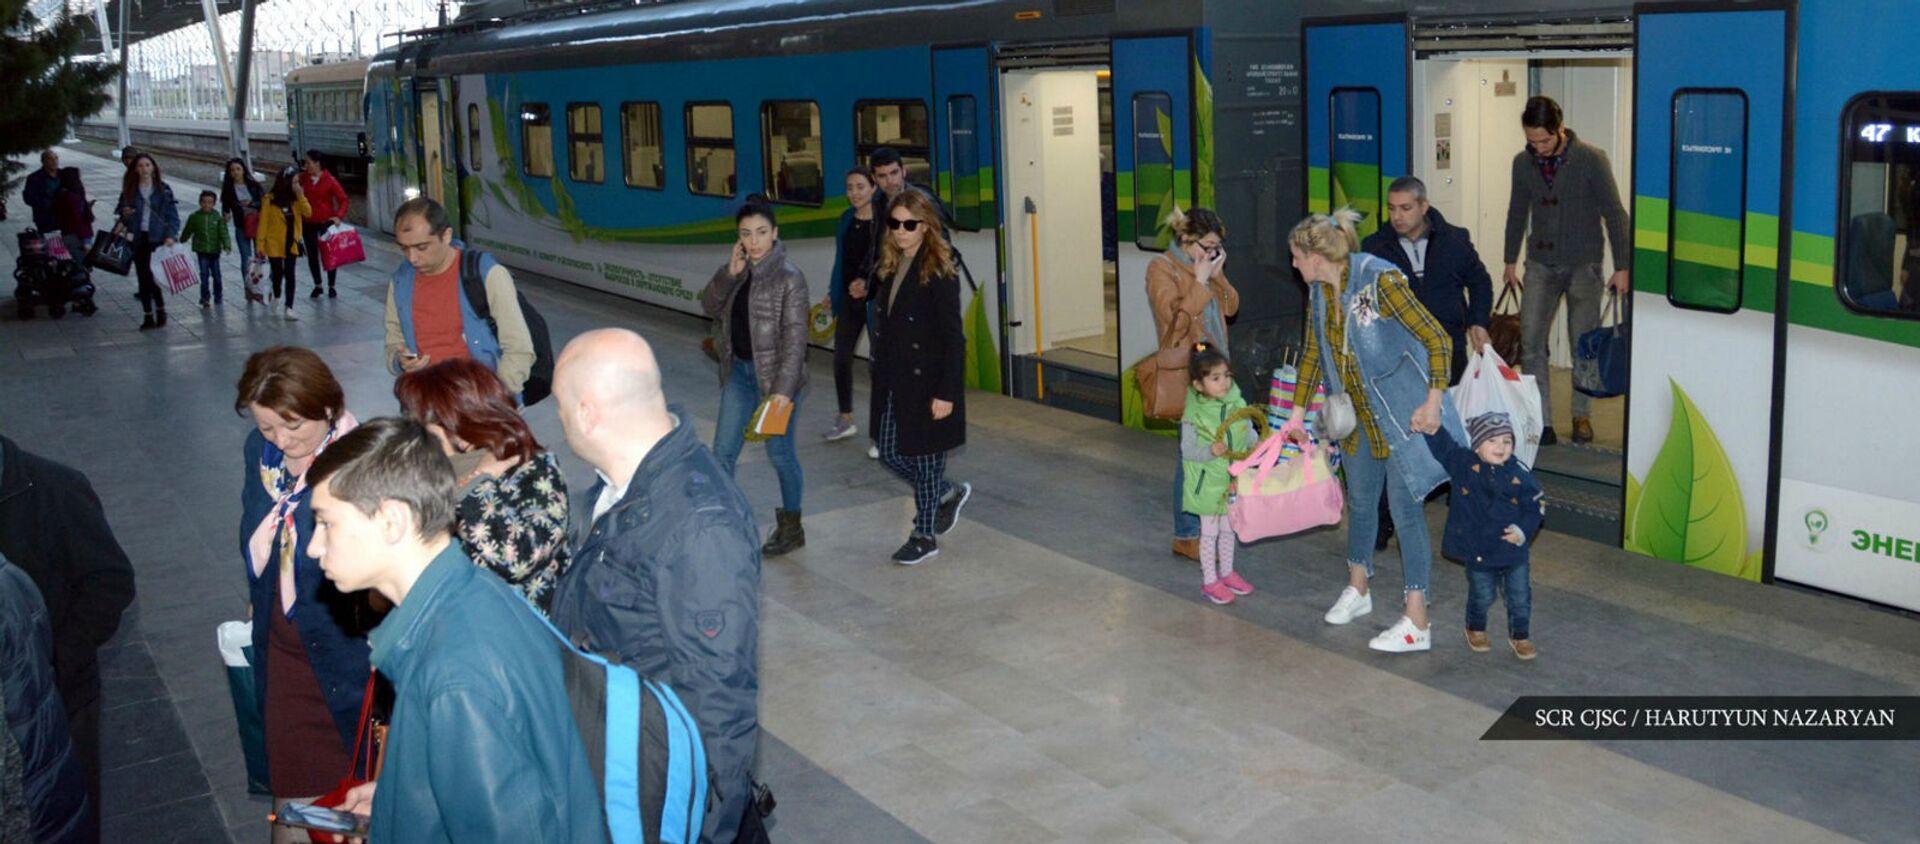 Южно-Кавказская железнодорожная компания возобновляет работу междугородных скоростных электропоездов Ереван-Гюмри-Ереван-Ереван - Sputnik Արմենիա, 1920, 12.03.2021